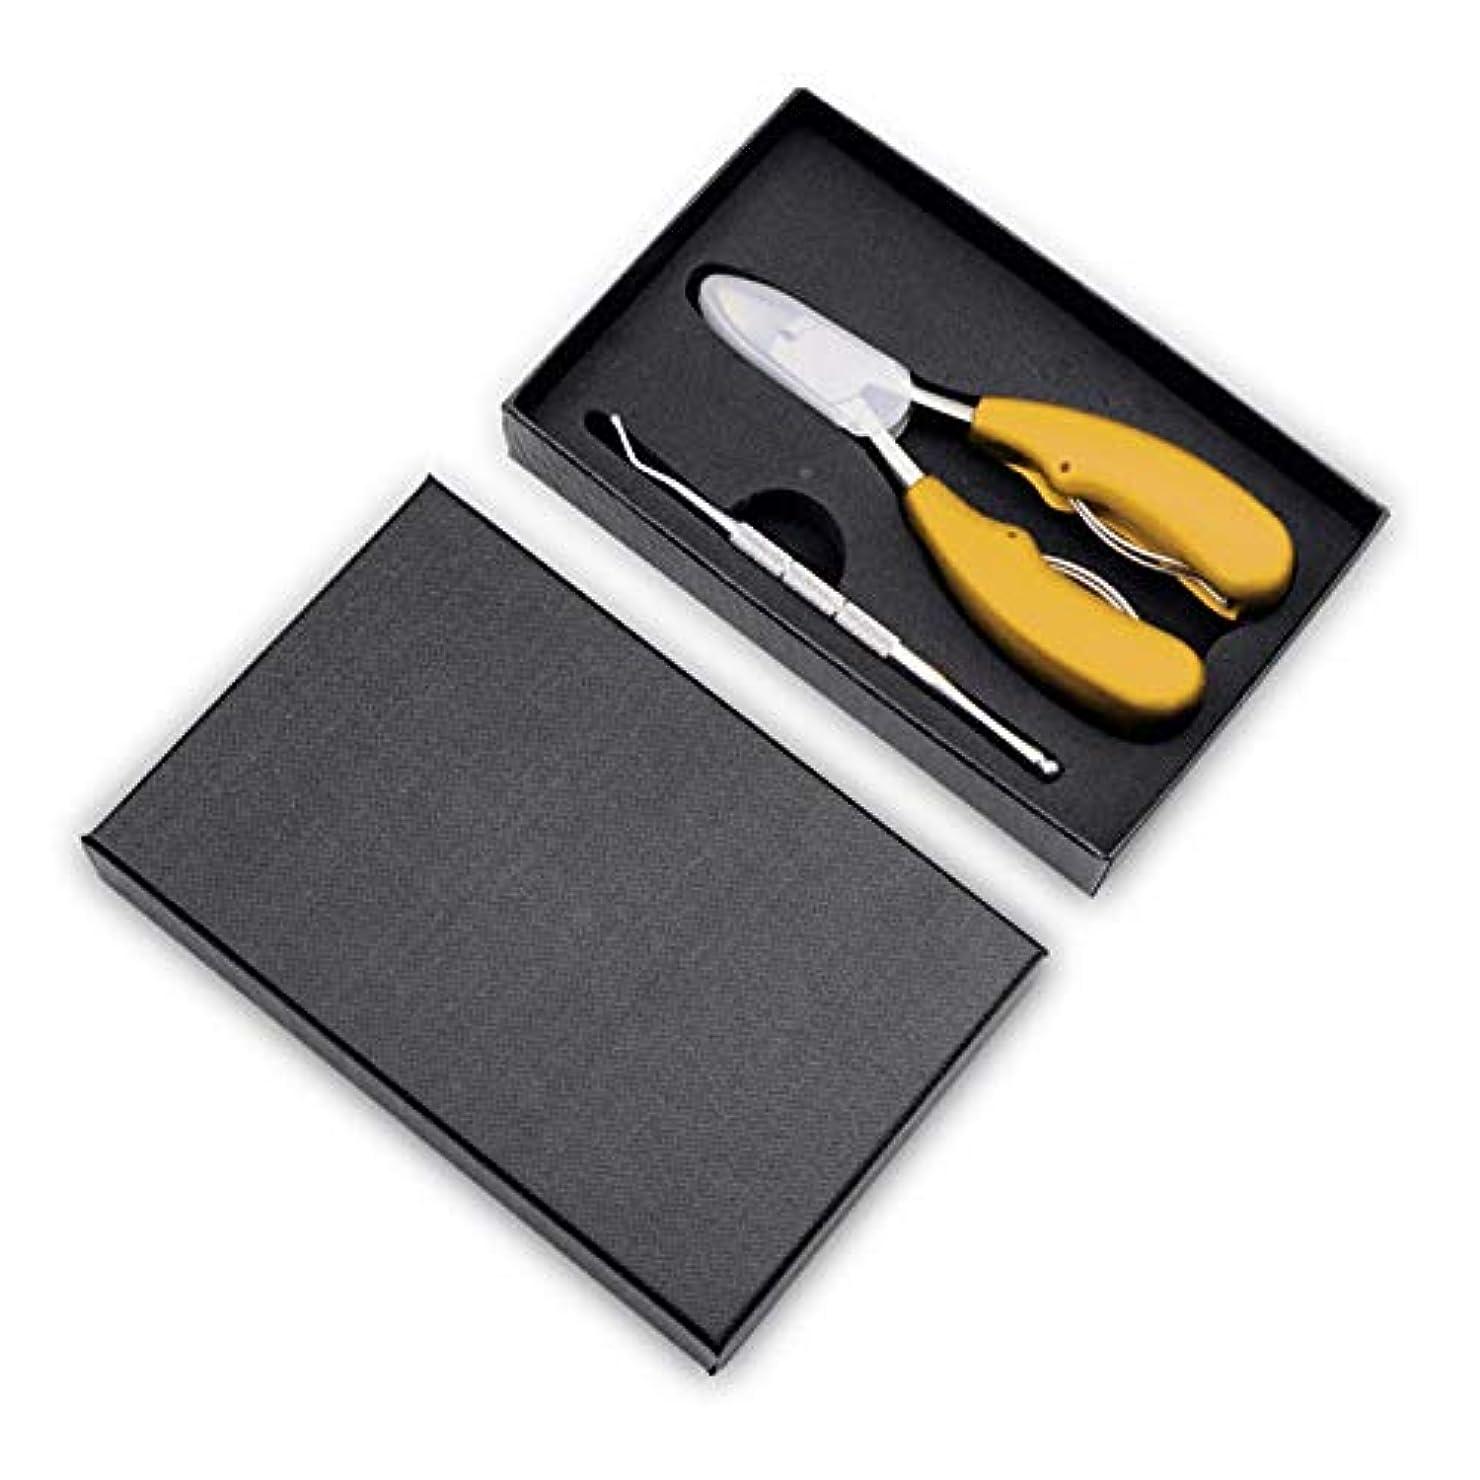 ページェント尊厳領収書Majoreal 爪切り 専門の頑丈な厚いつま先の爪切りの足病学のステンレス鋼